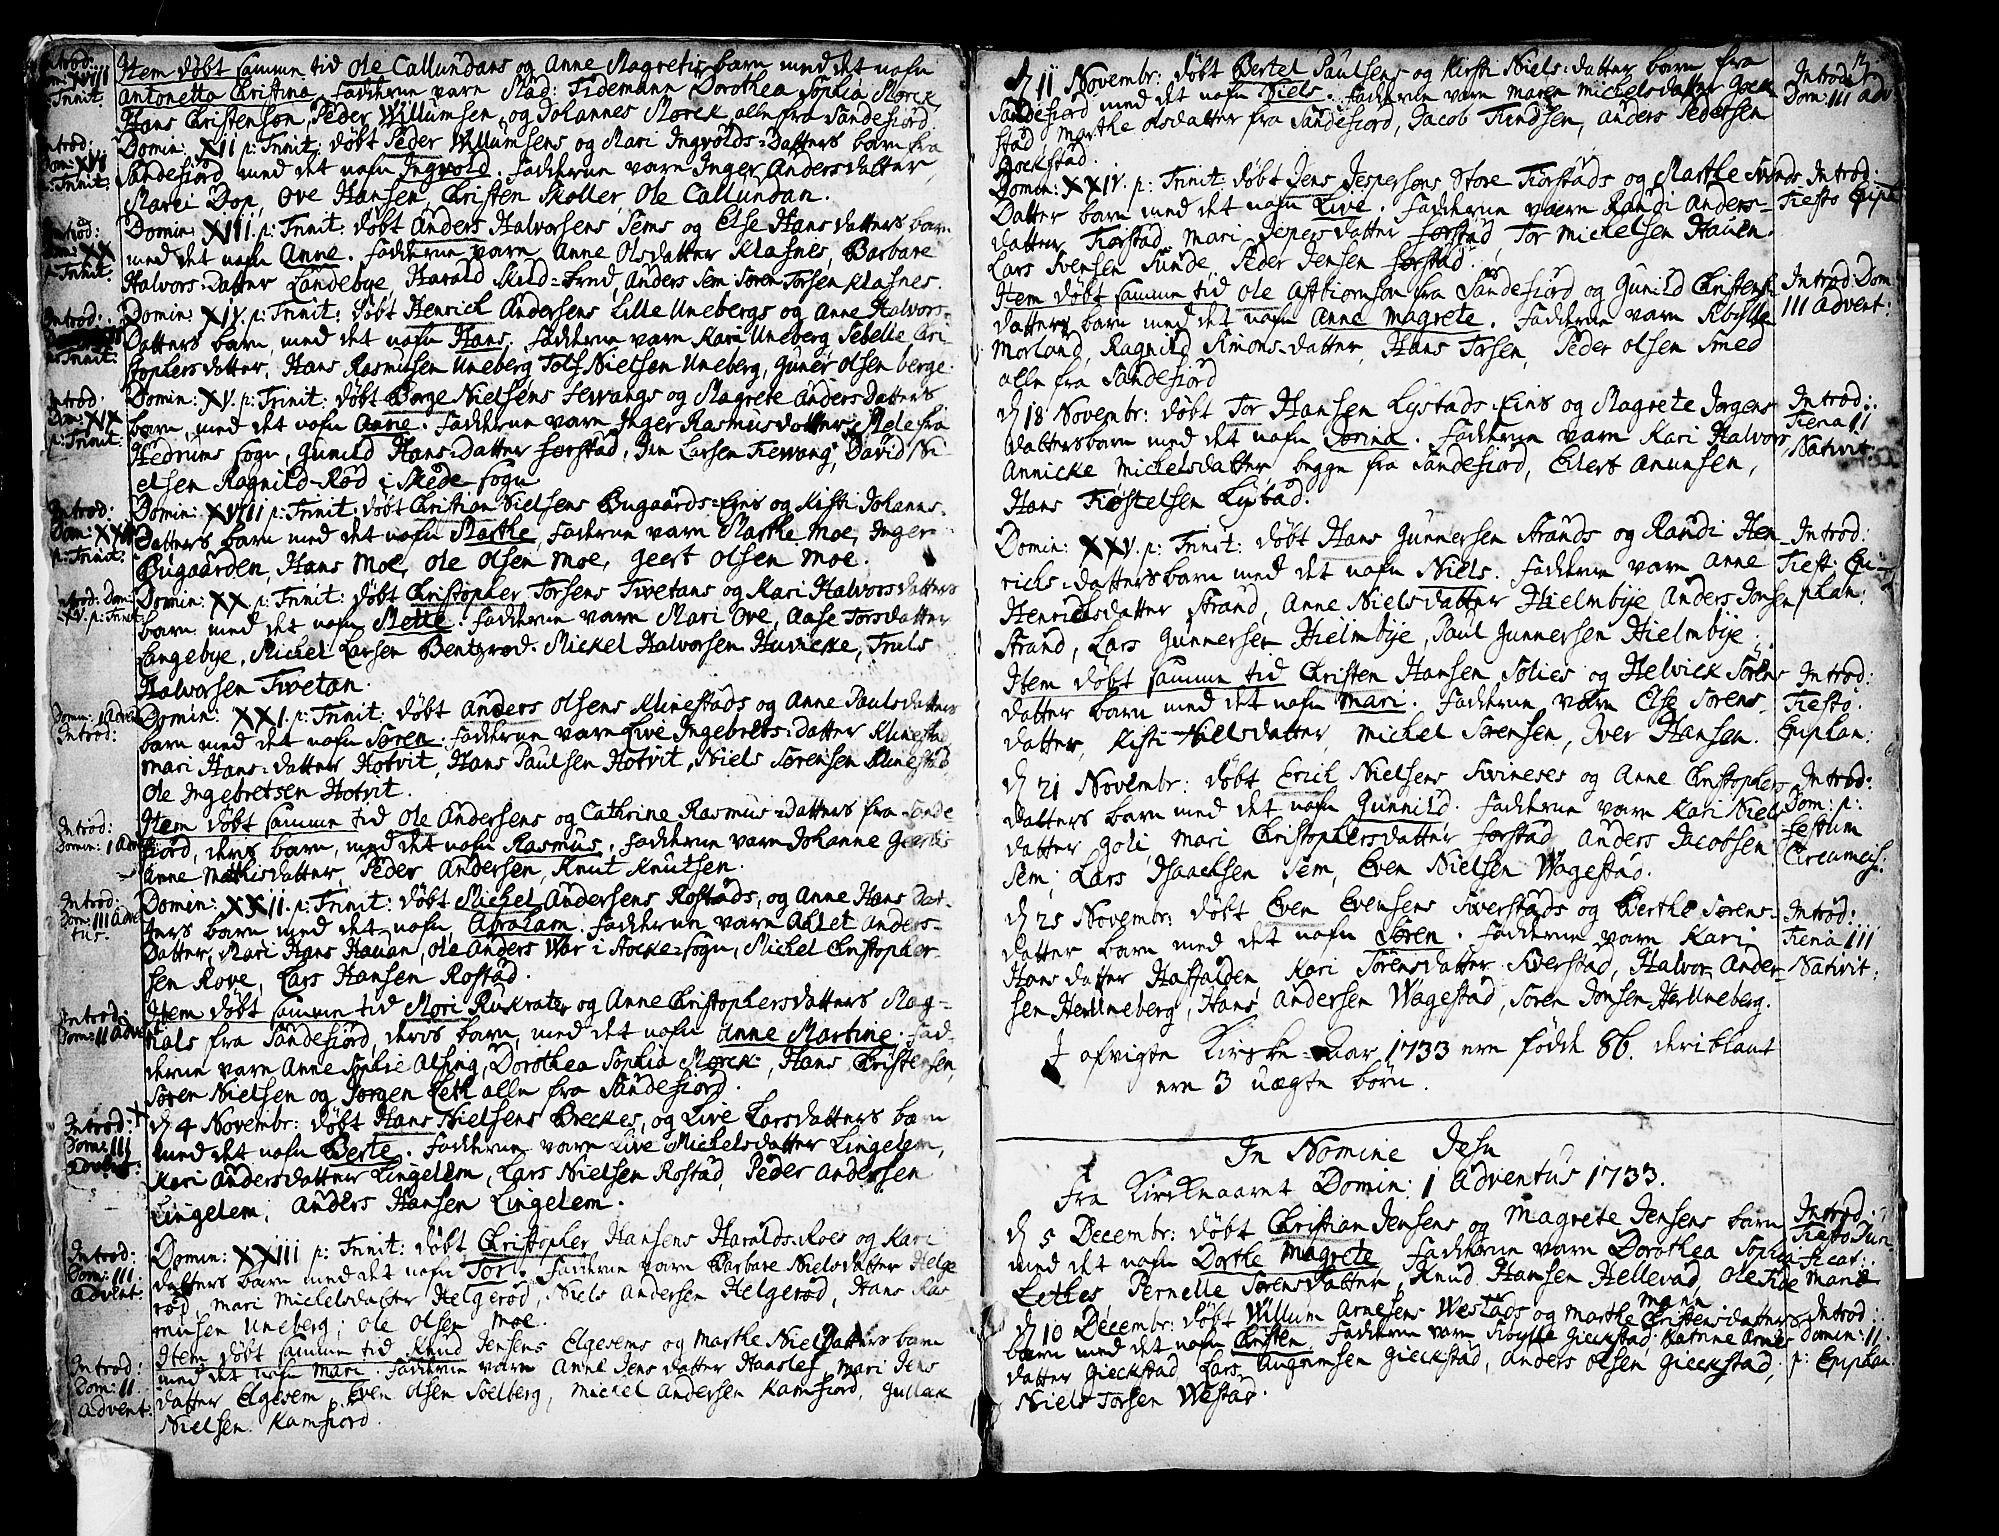 SAKO, Sandar kirkebøker, F/Fa/L0002: Ministerialbok nr. 2, 1733-1788, s. 3